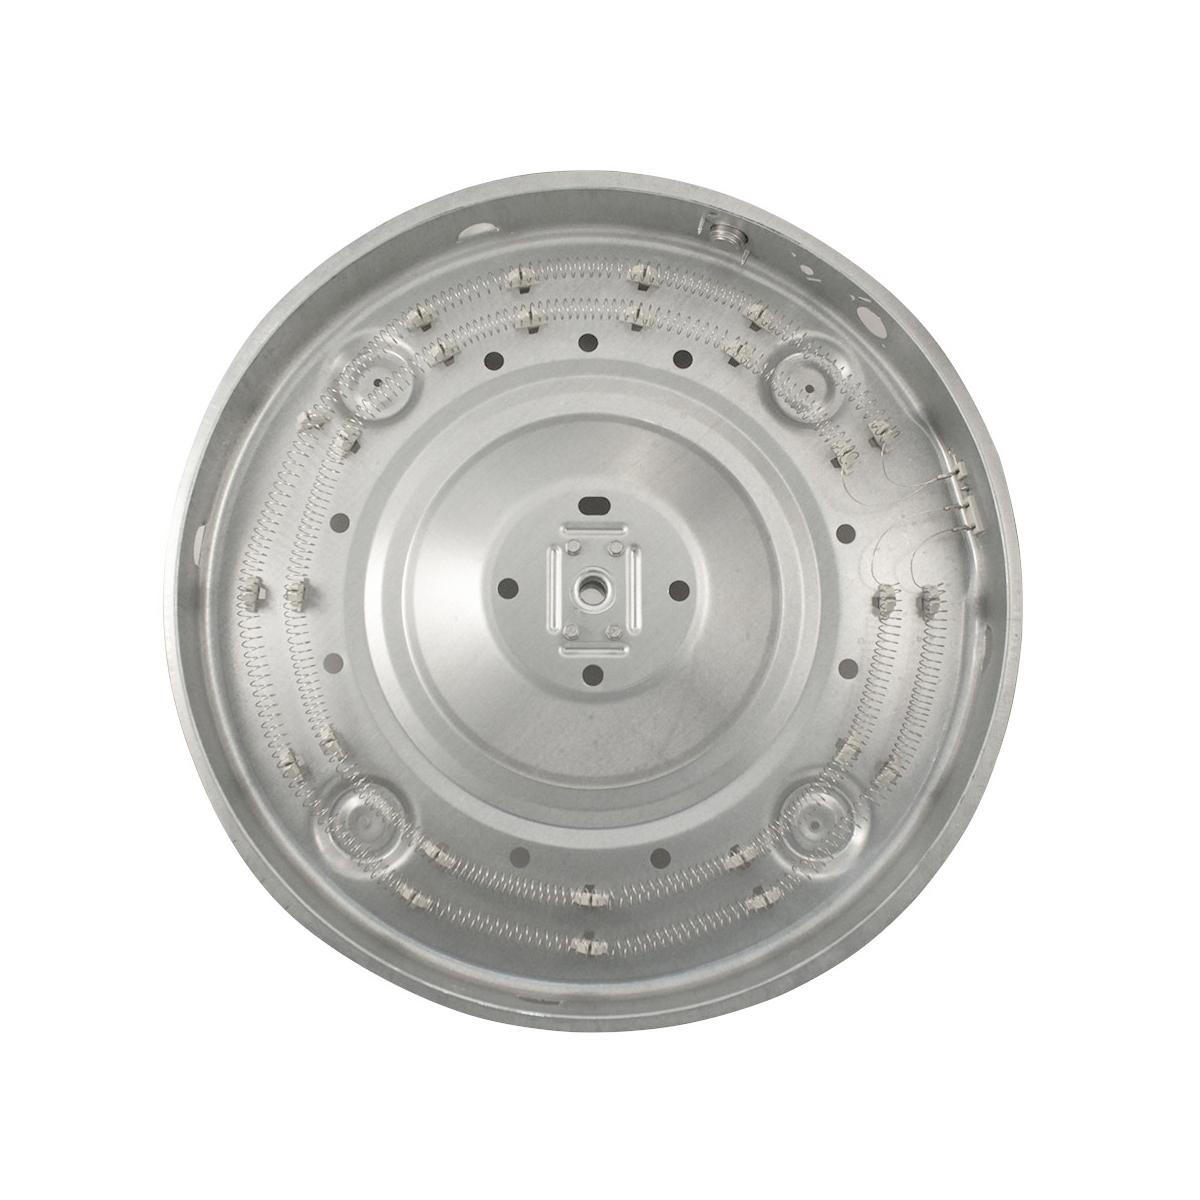 Ge Sig7010et1wg Dryer Door Hinge Genuine Oem